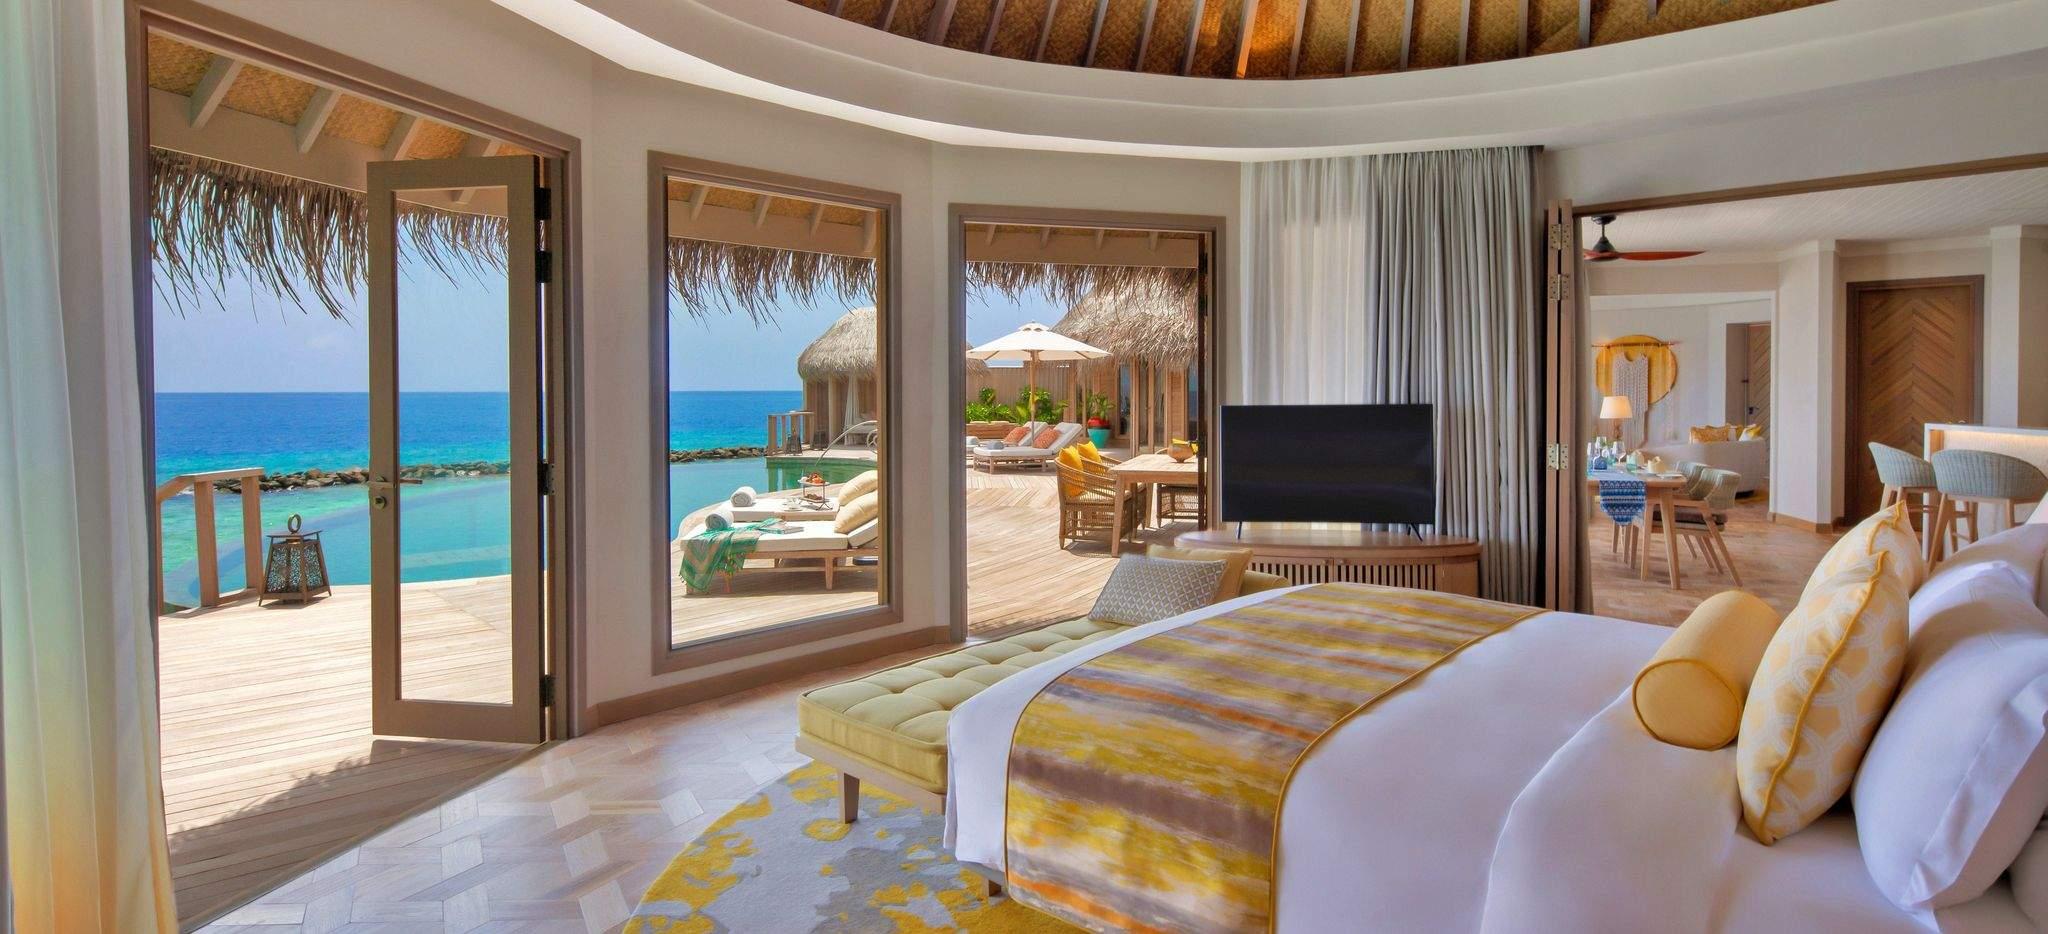 Beach Residence Blick vom Schafzimmer, im Hotel Nautilus, Malediven